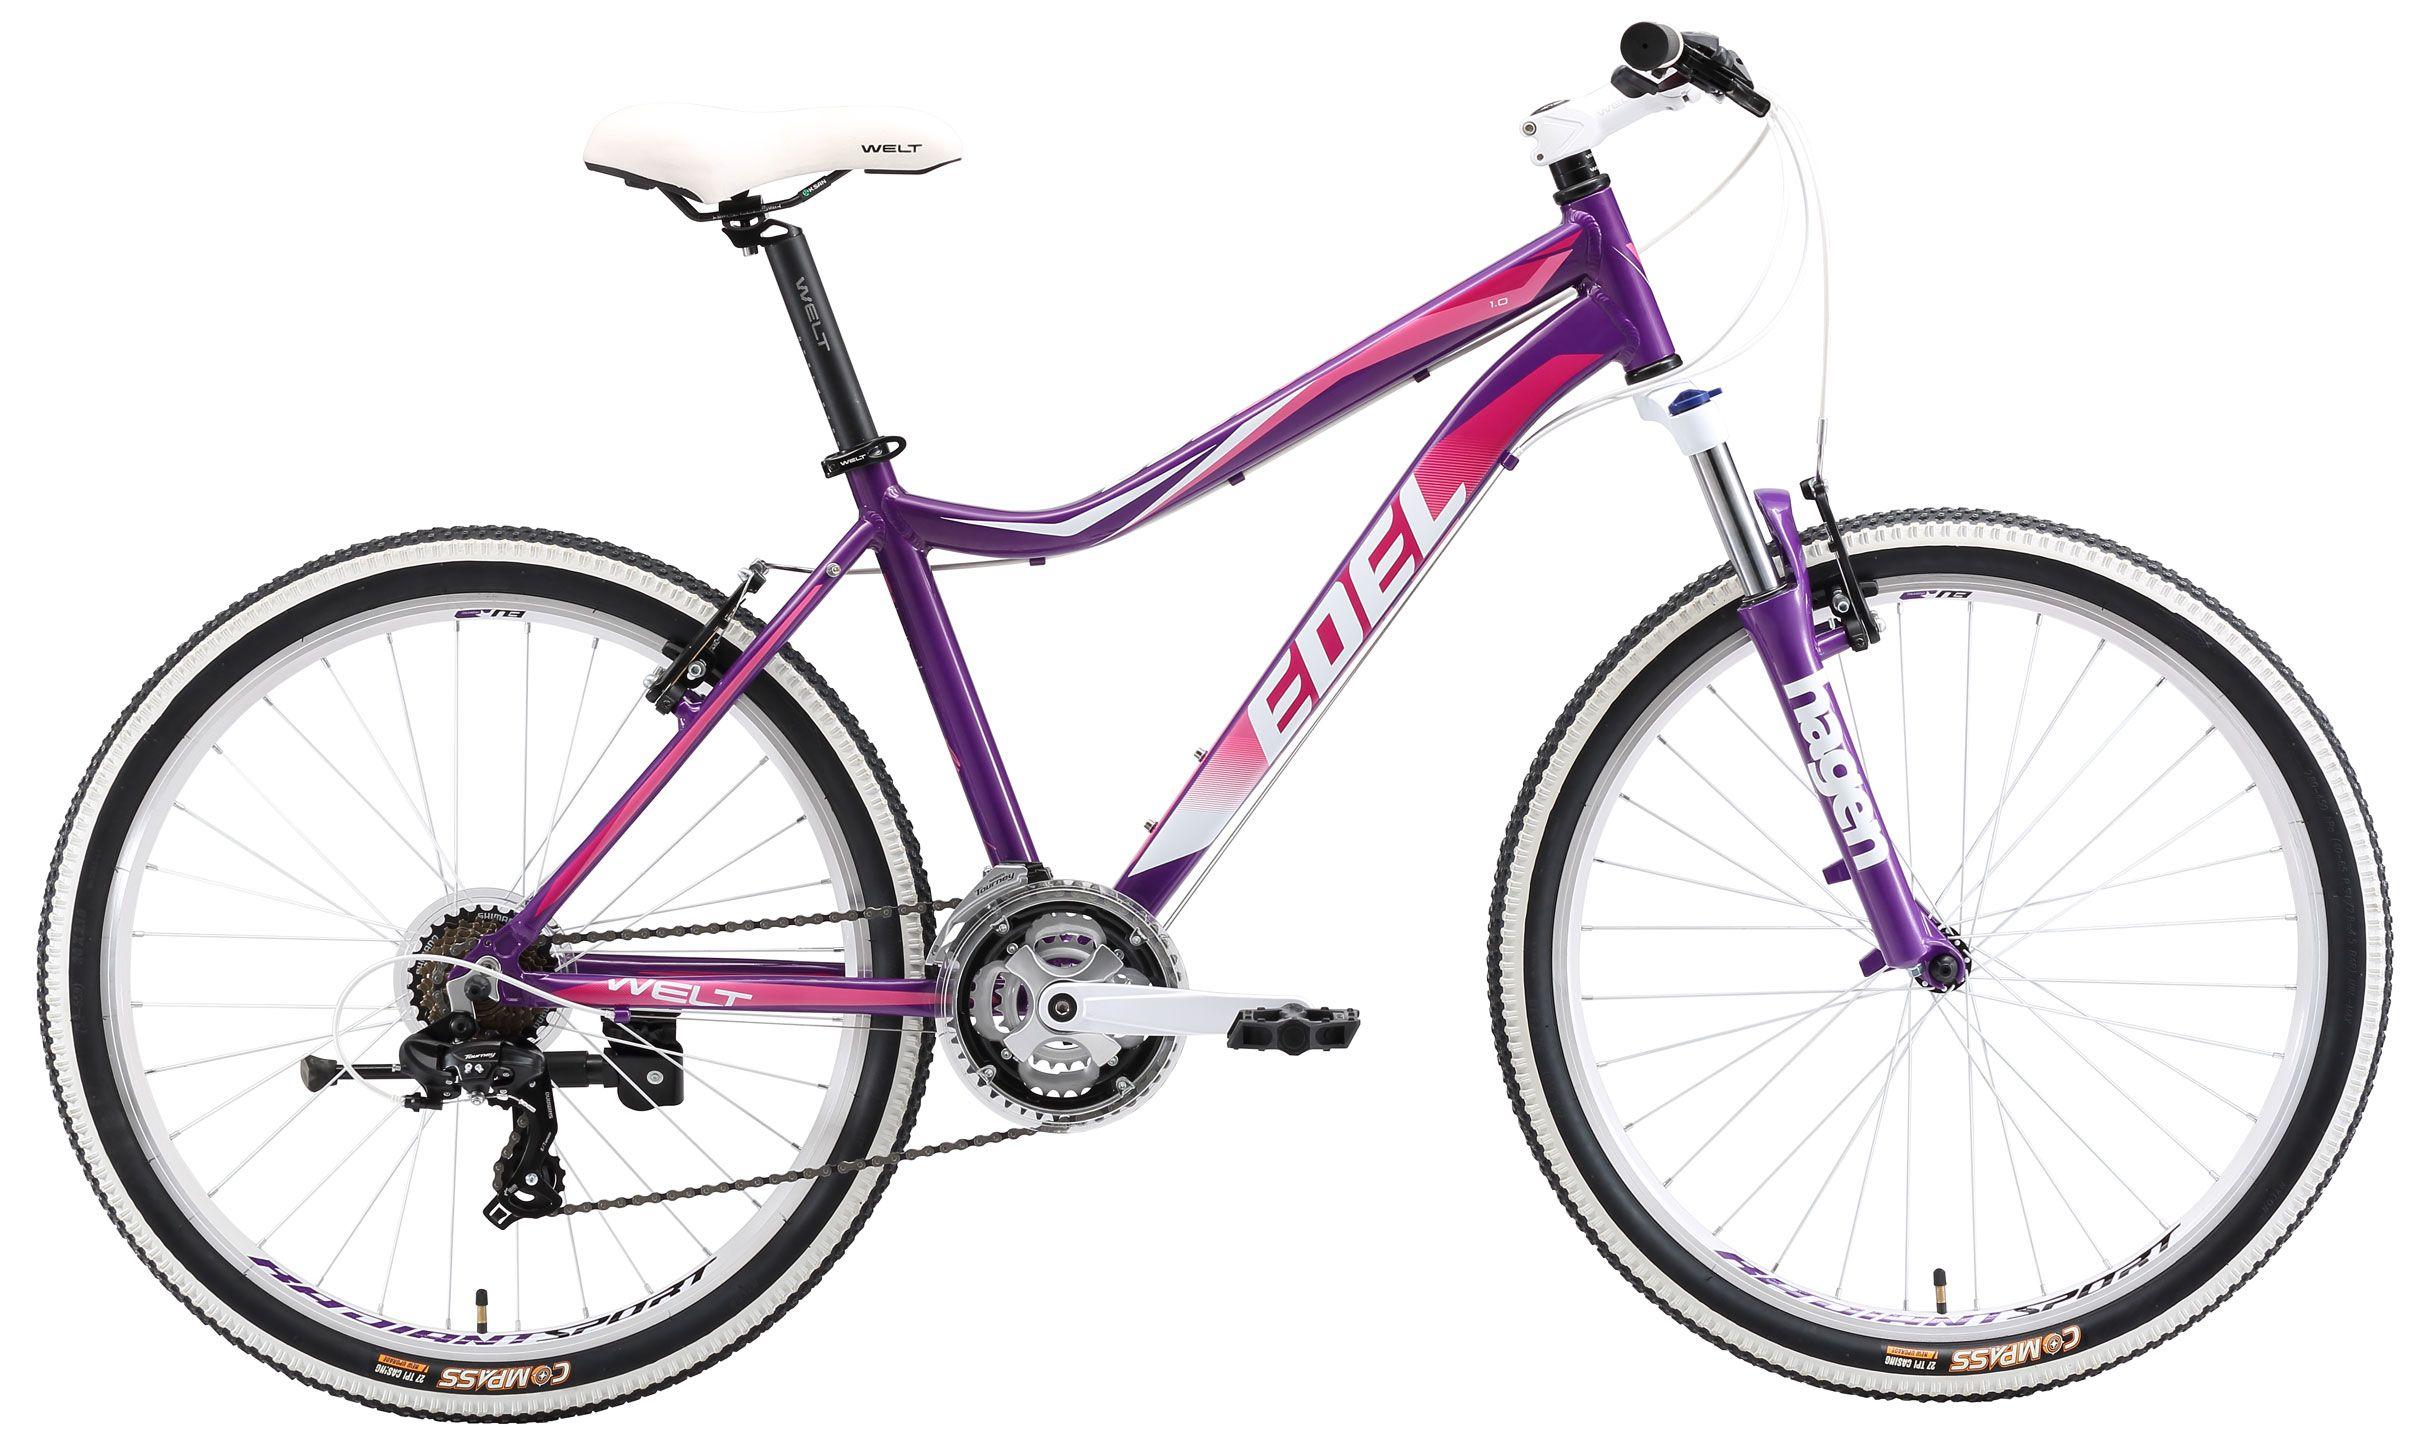 Велосипед Welt Edelweiss 1.0 2018 женский велосипед навигатор купить в пензе